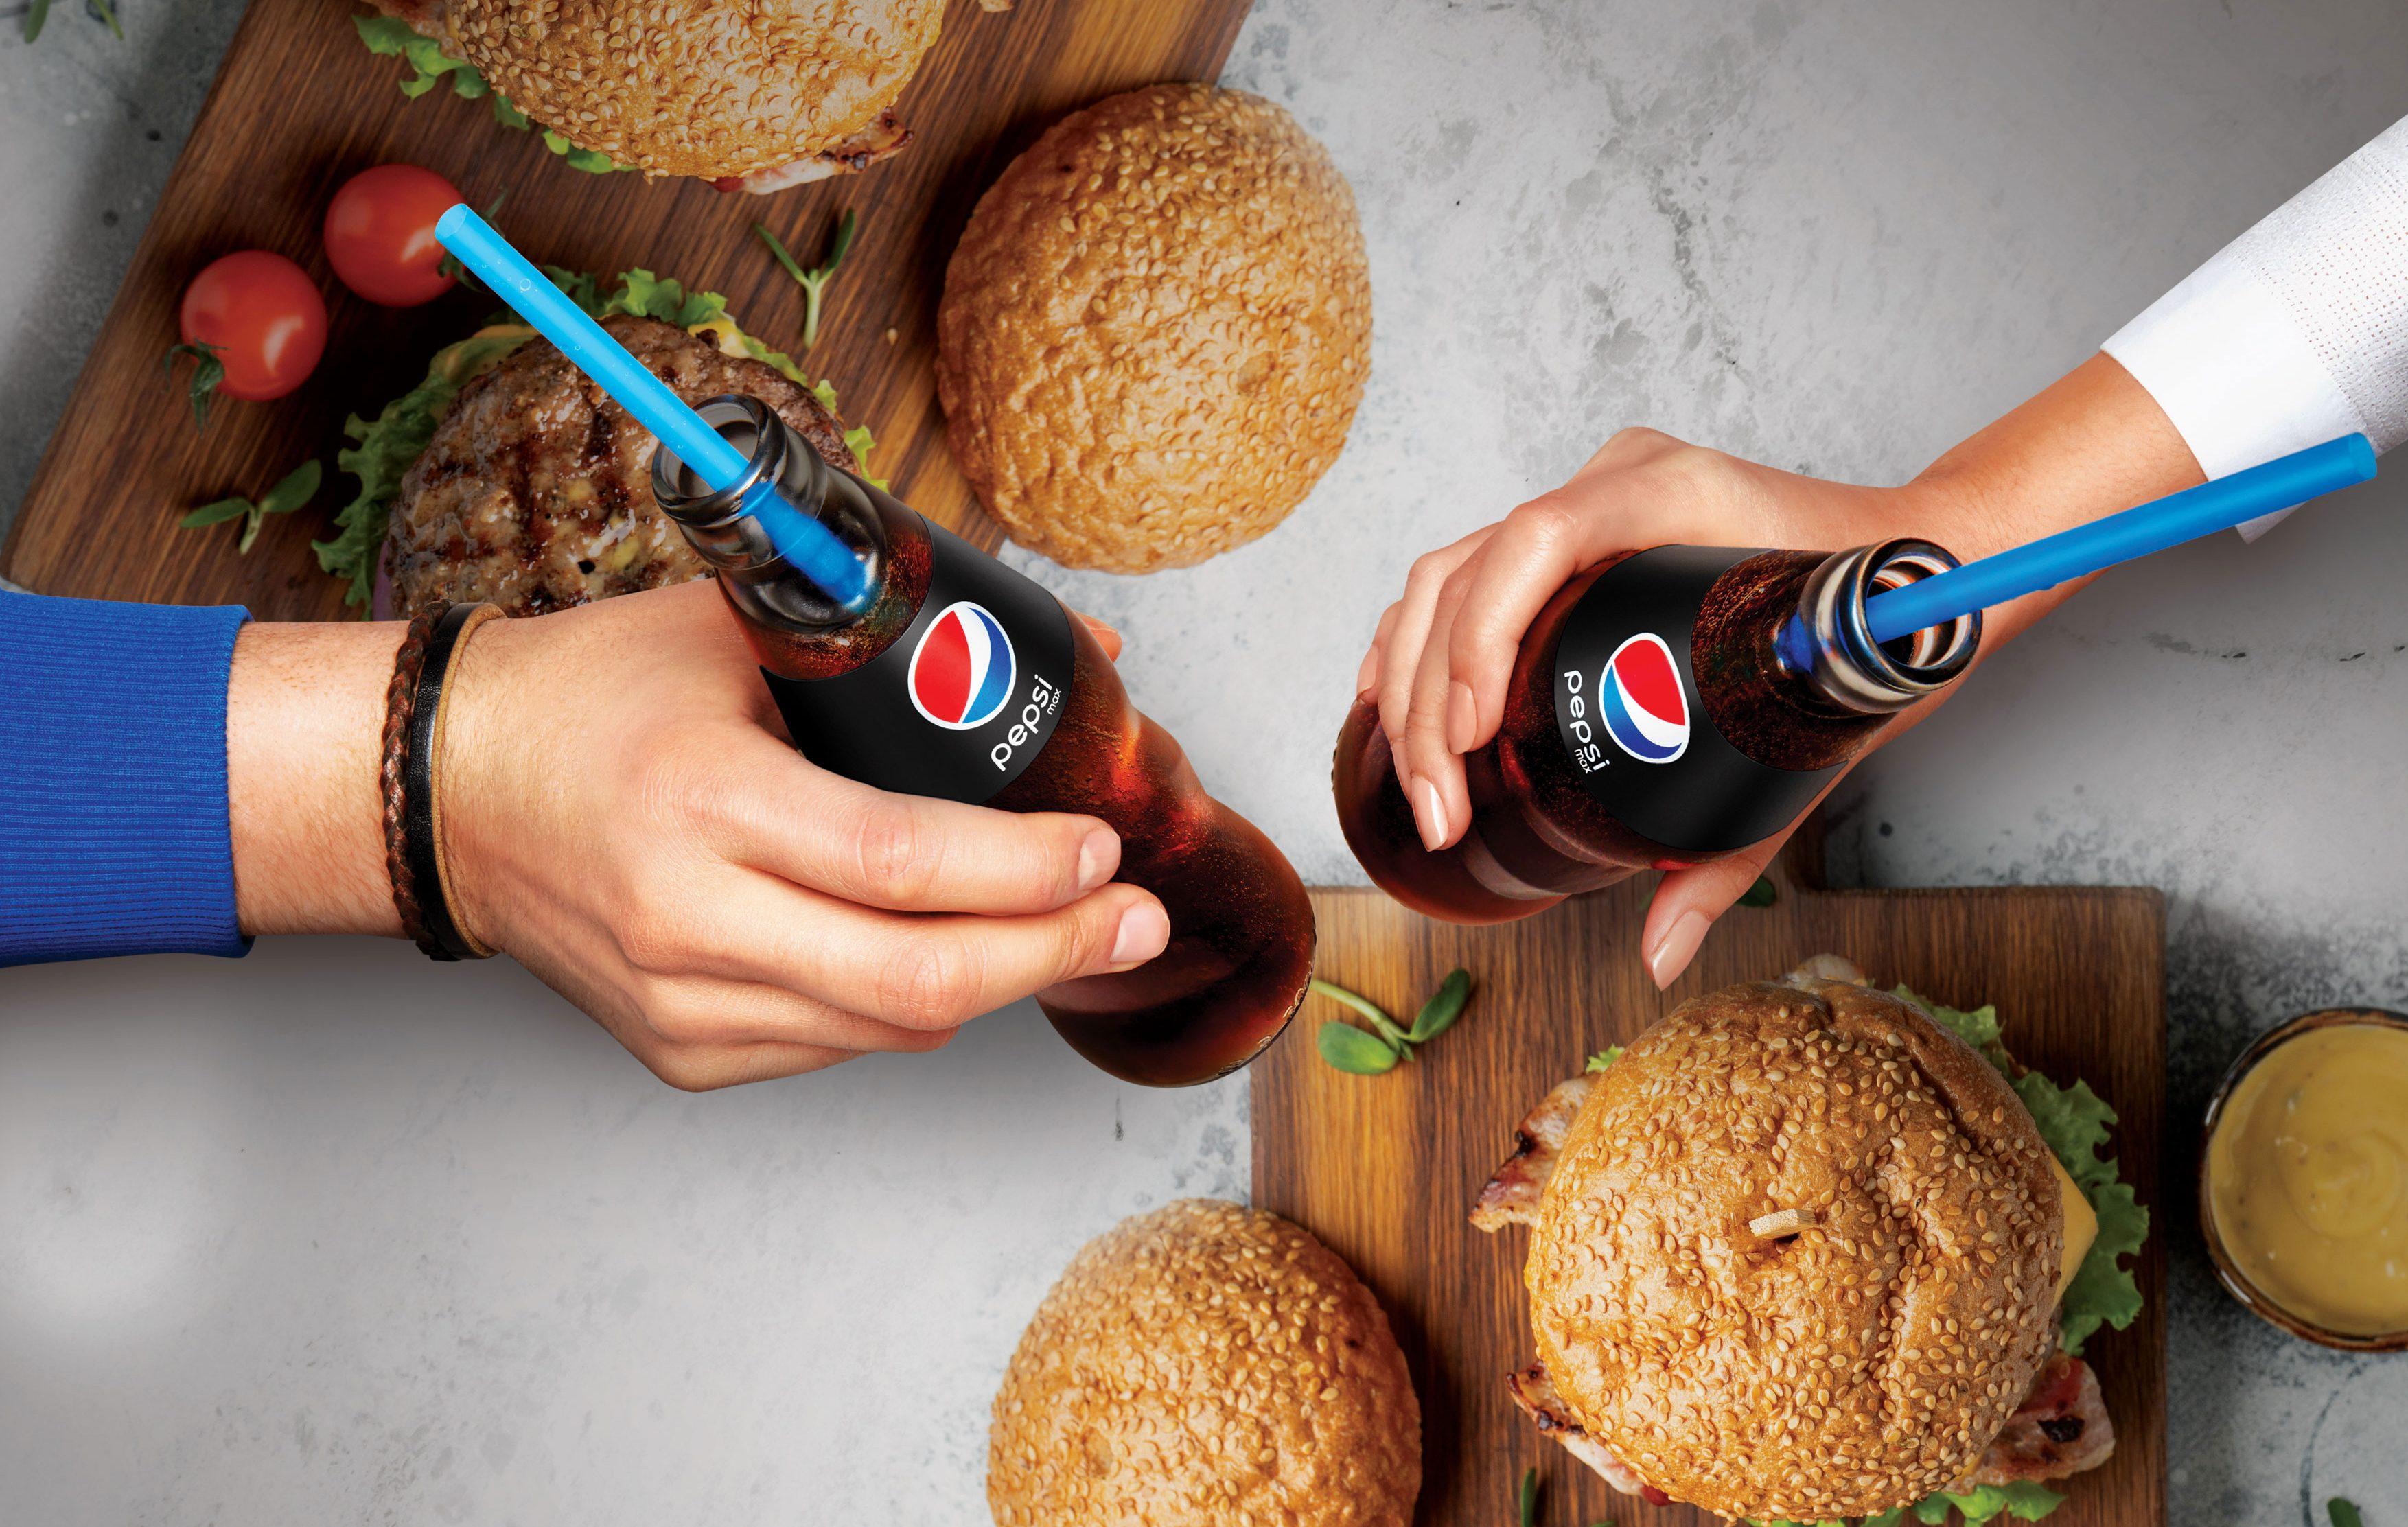 Pepsi'nin ödüllü cam şişesi tüketicilerle buluştu